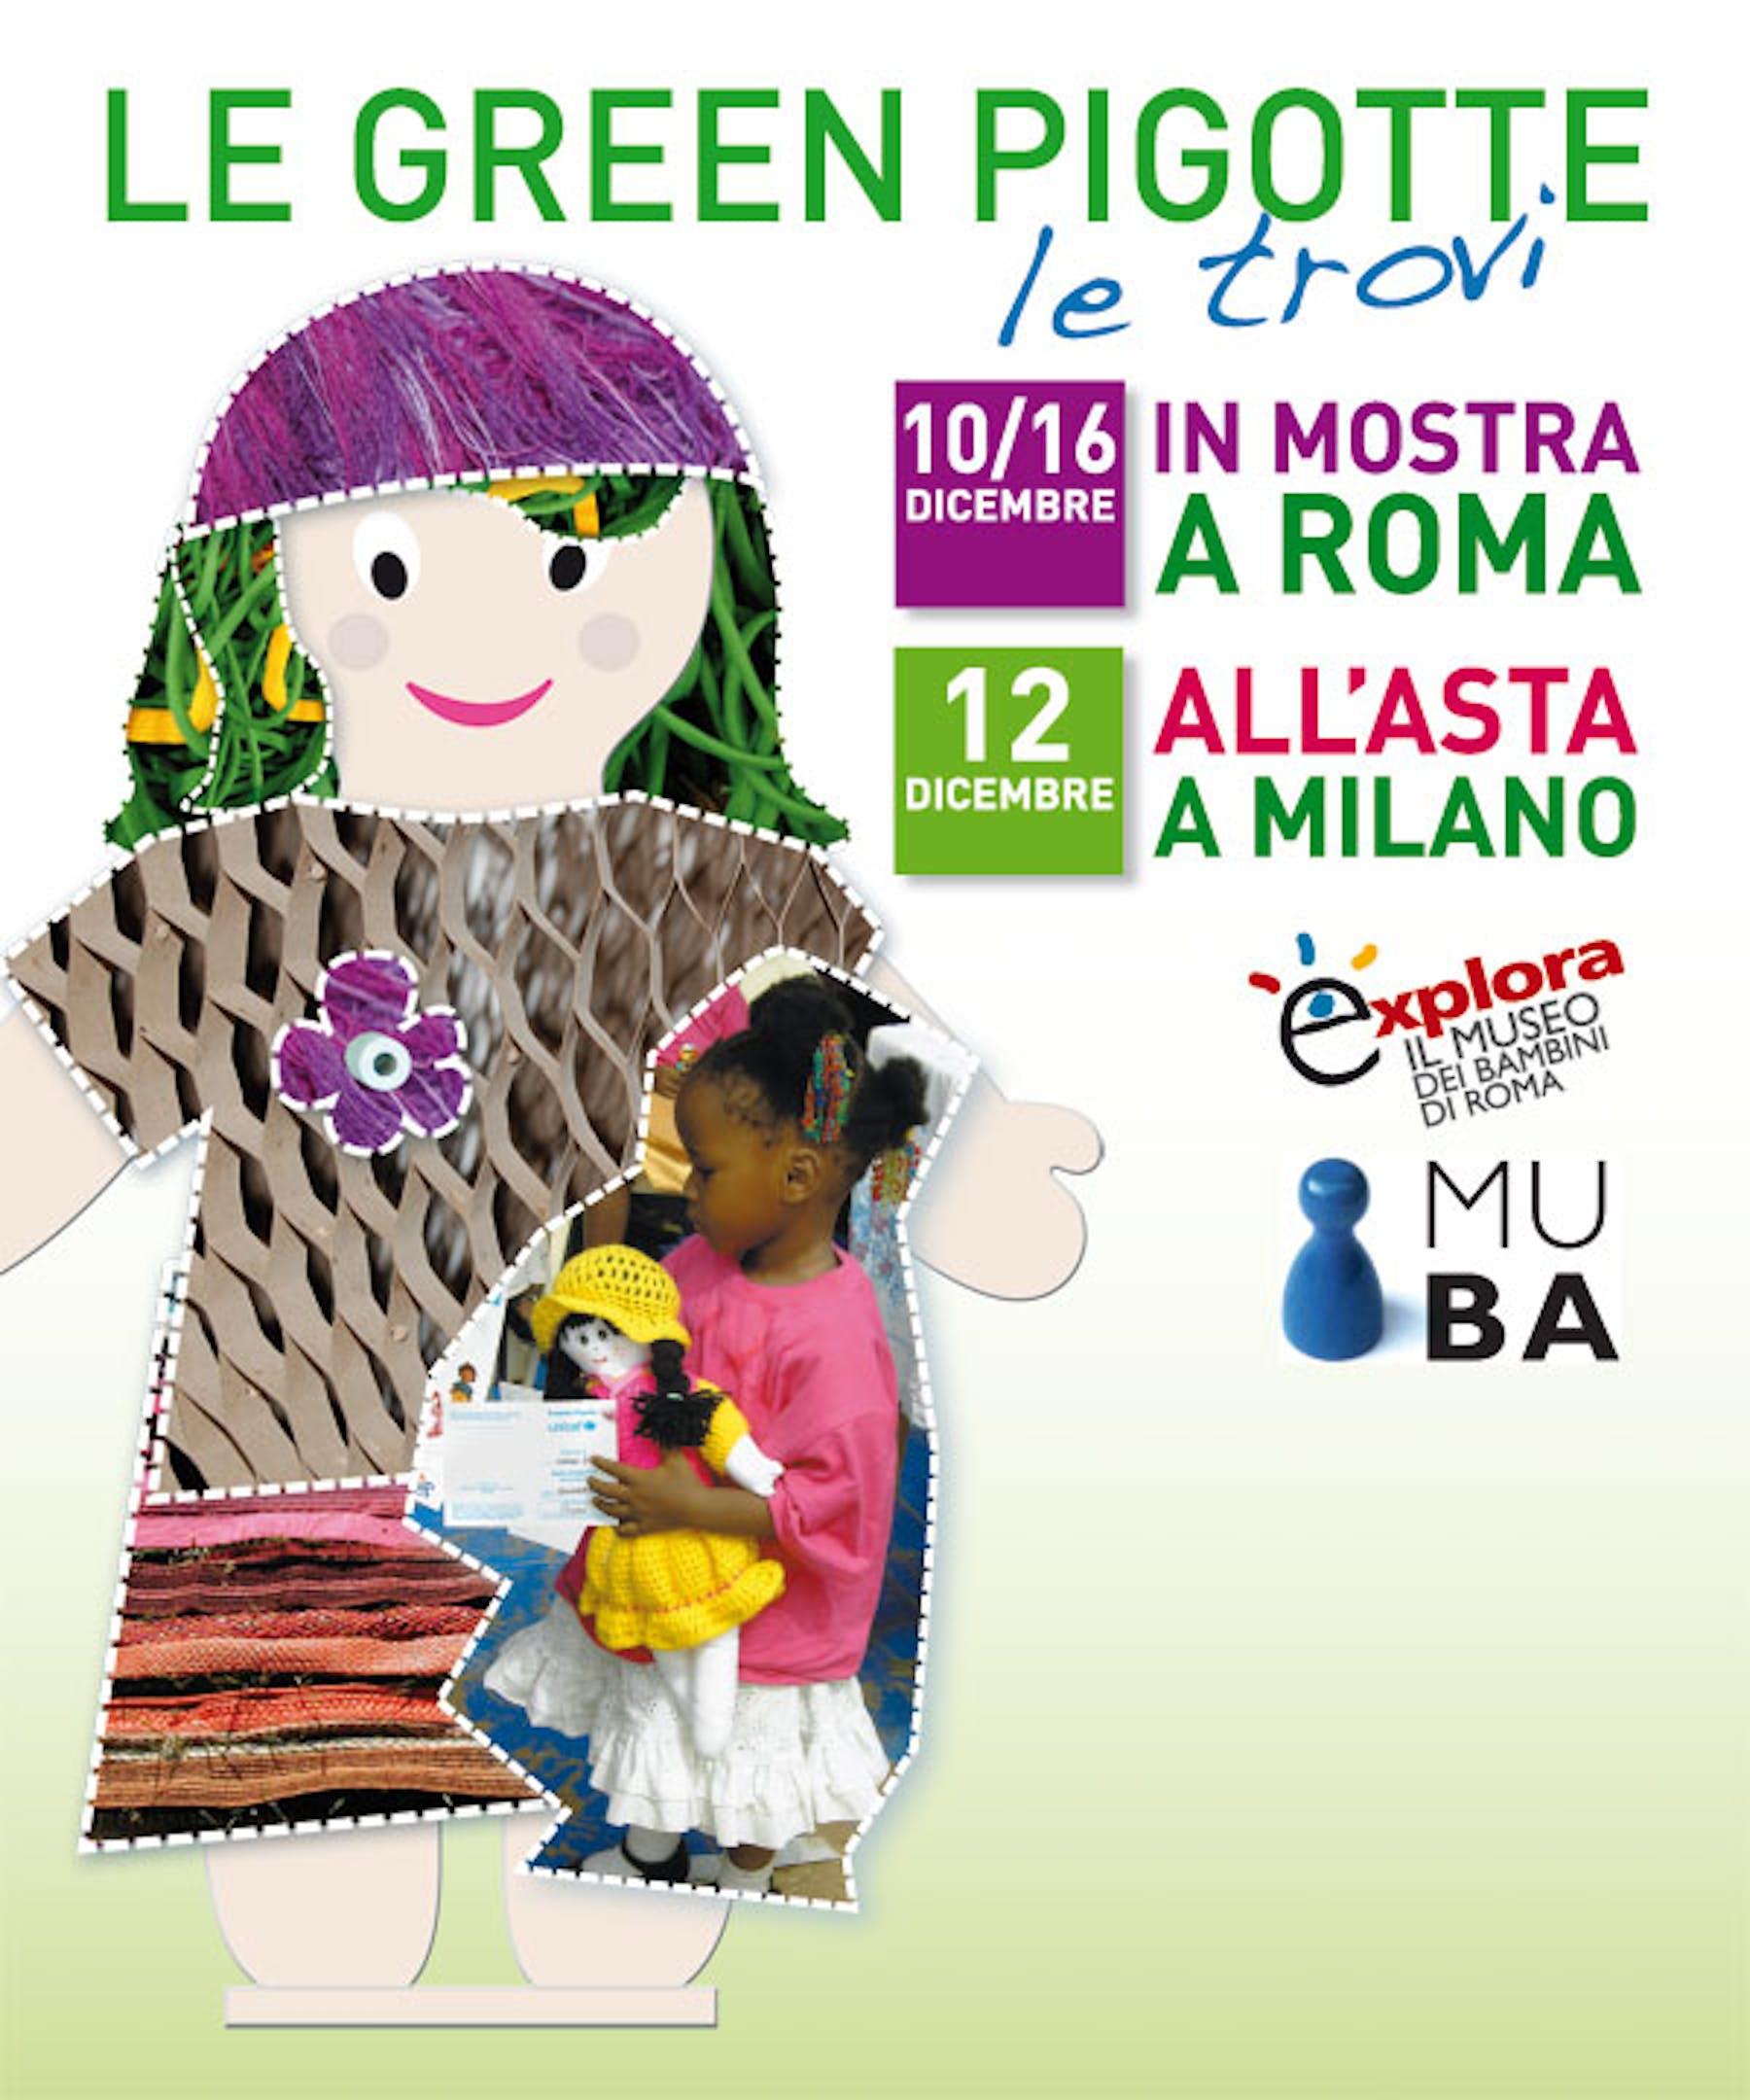 Le Green Pigotte dell'UNICEF